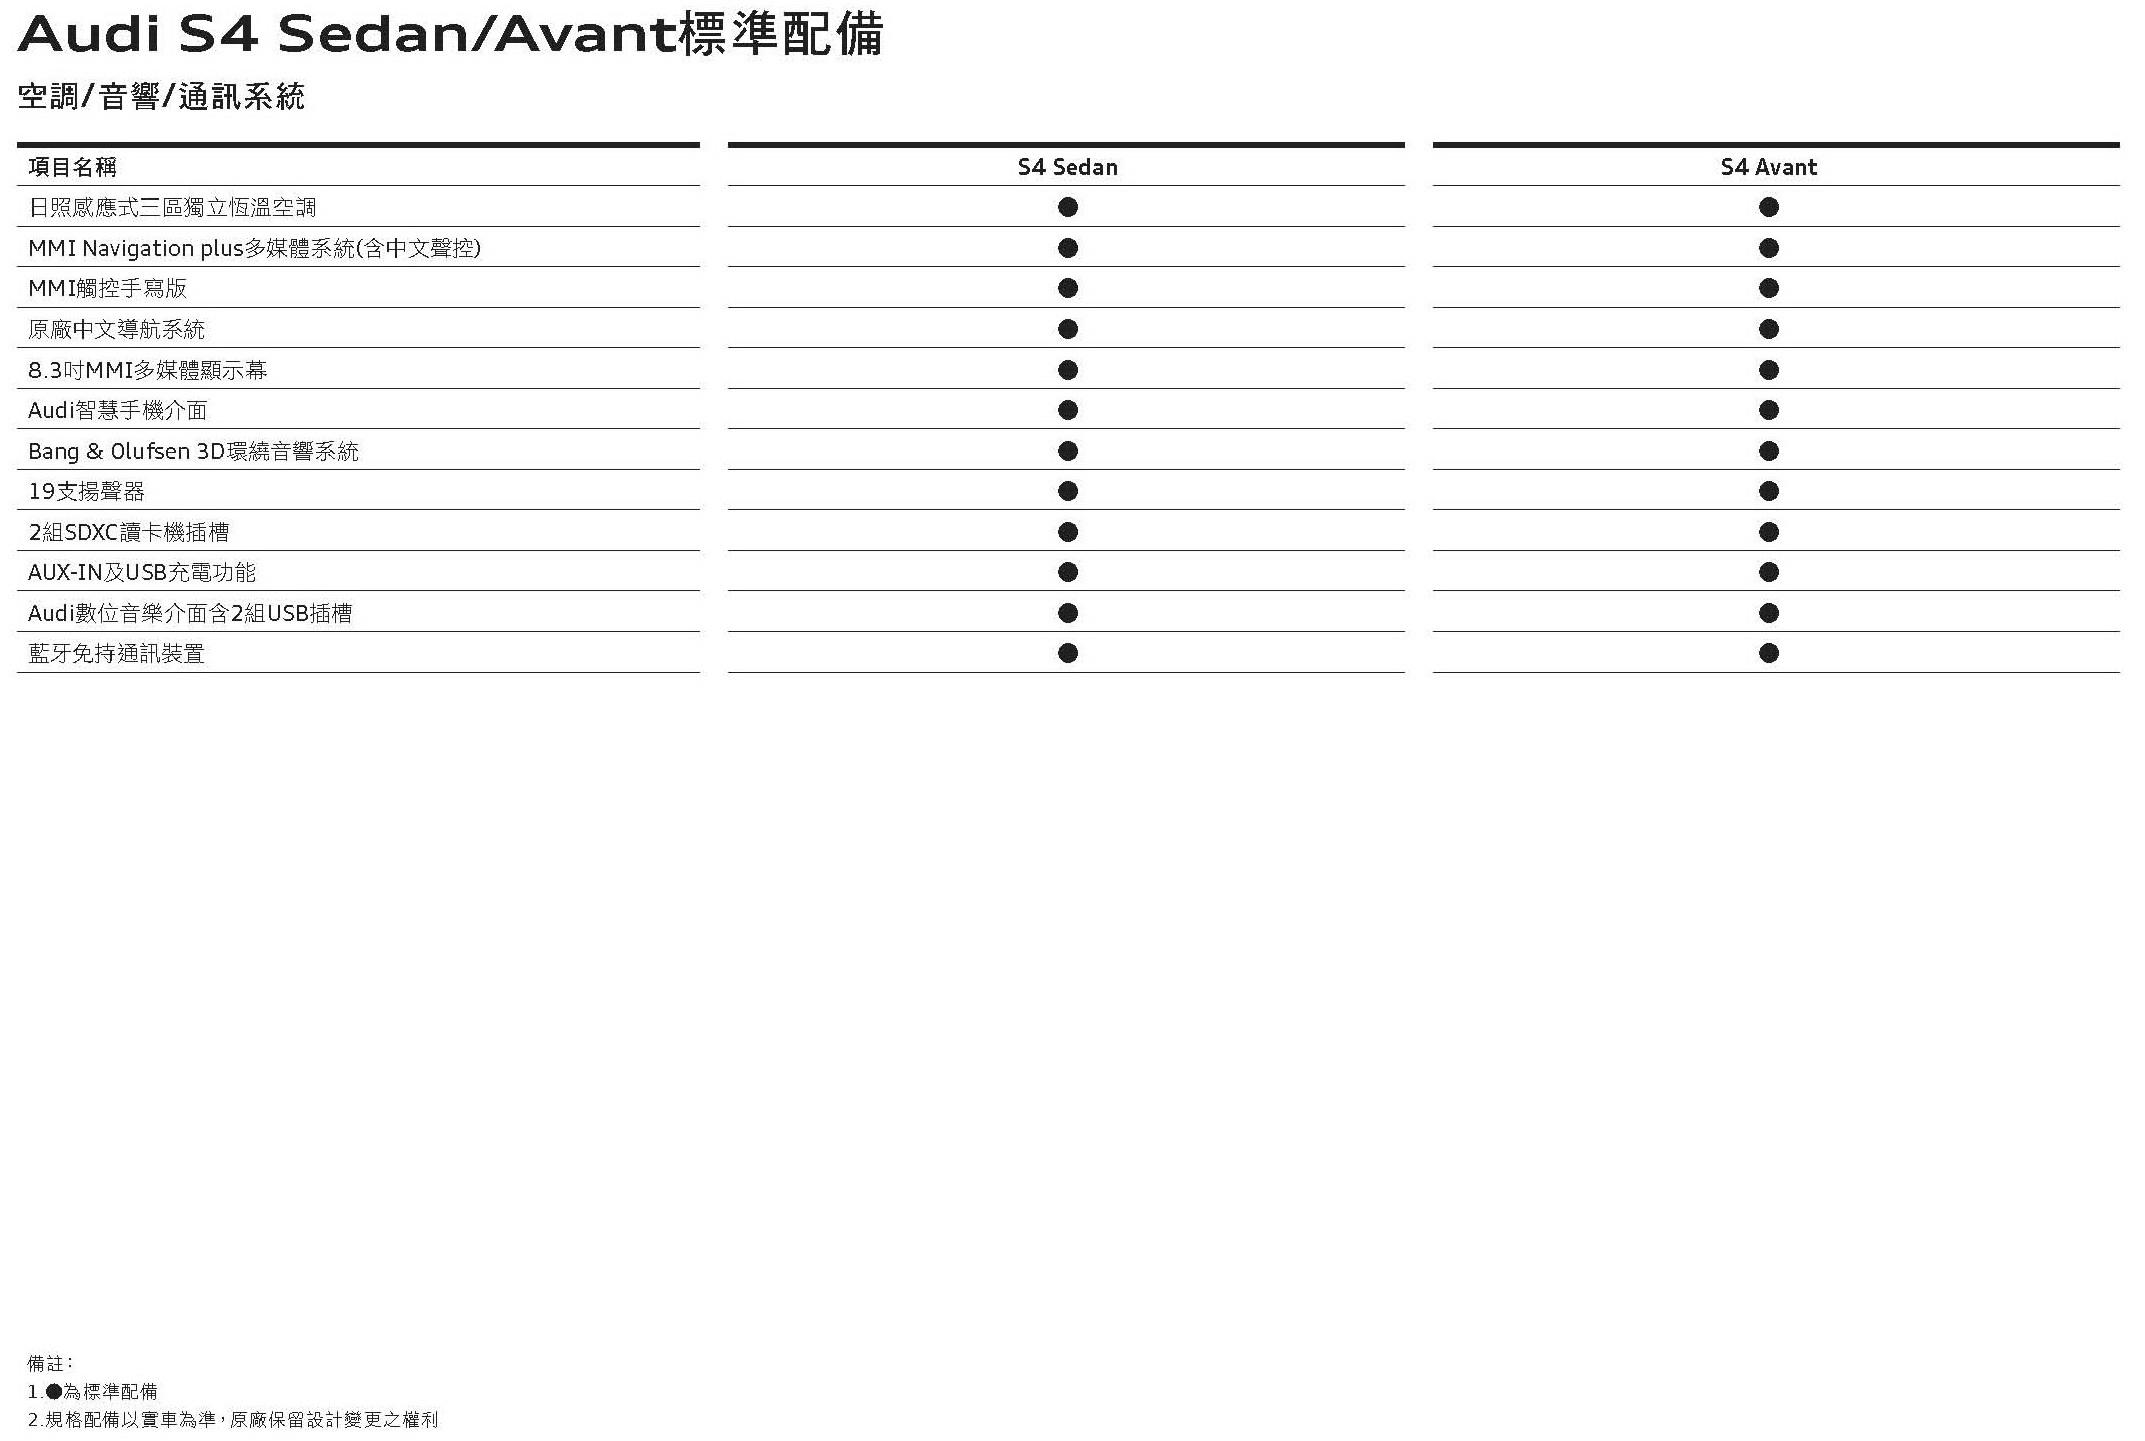 The new Audi S4規格配備表_頁面_6